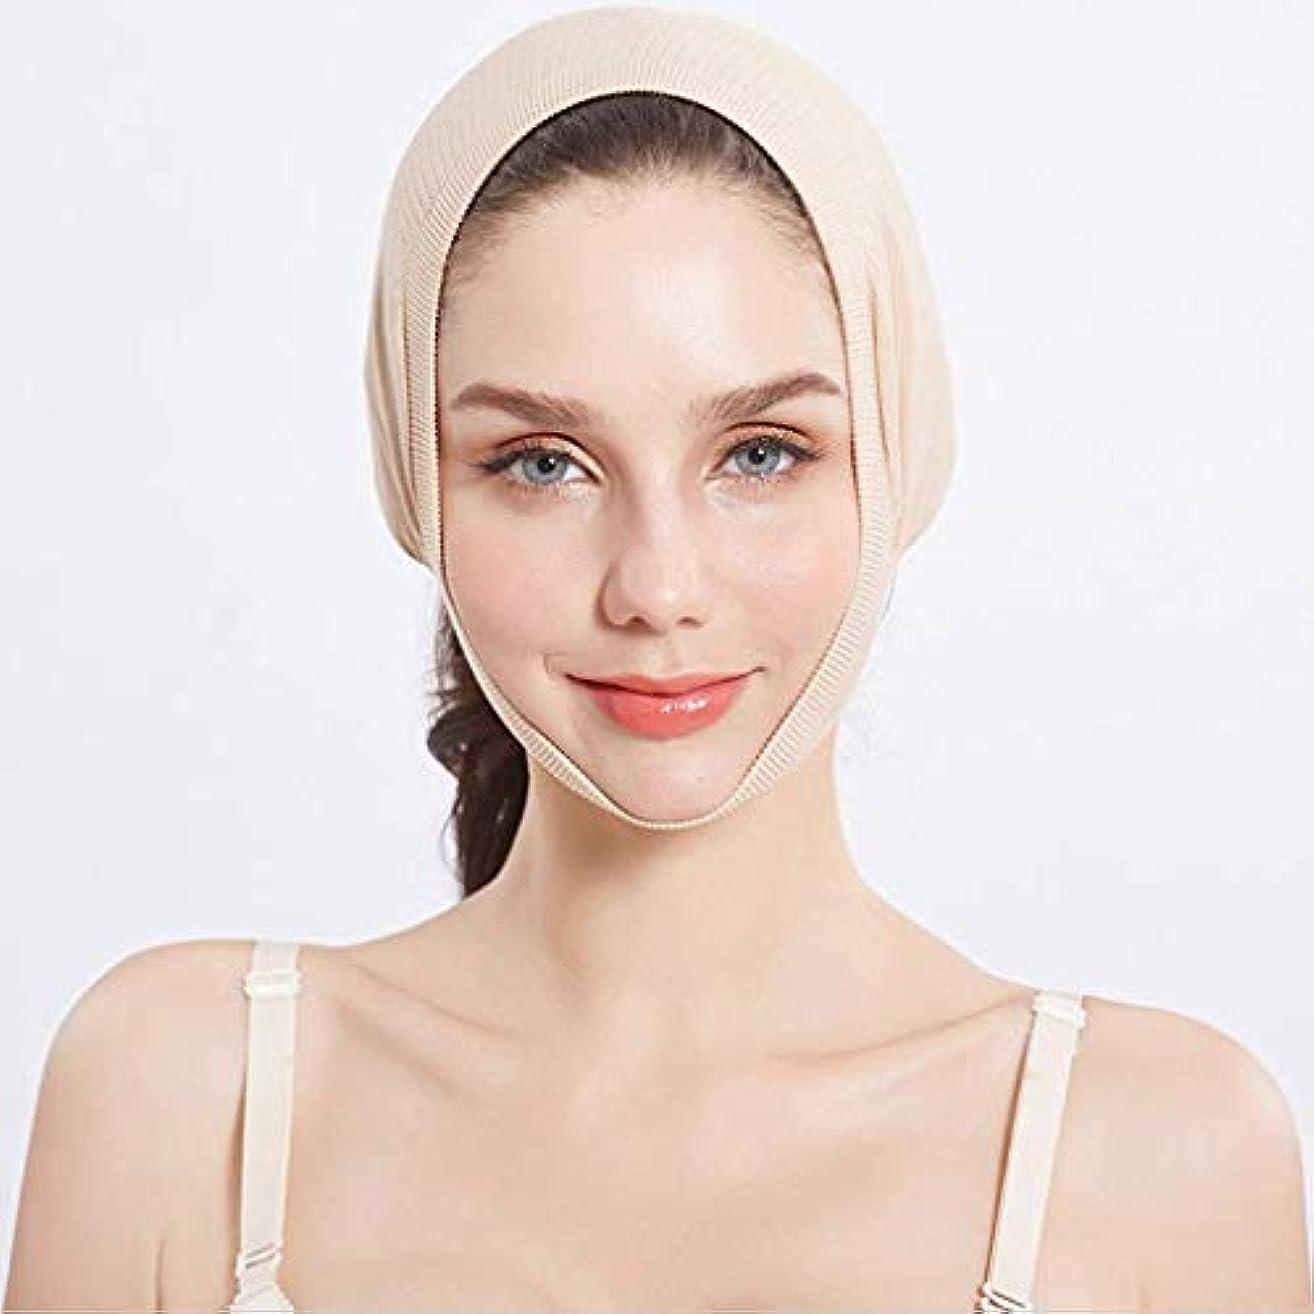 器官ドール不利益HUYYA 女性の顔を持ち上げるベルト、しわ防止包帯 Vライン頬 二重あごの減量顔,Flesh_Medium